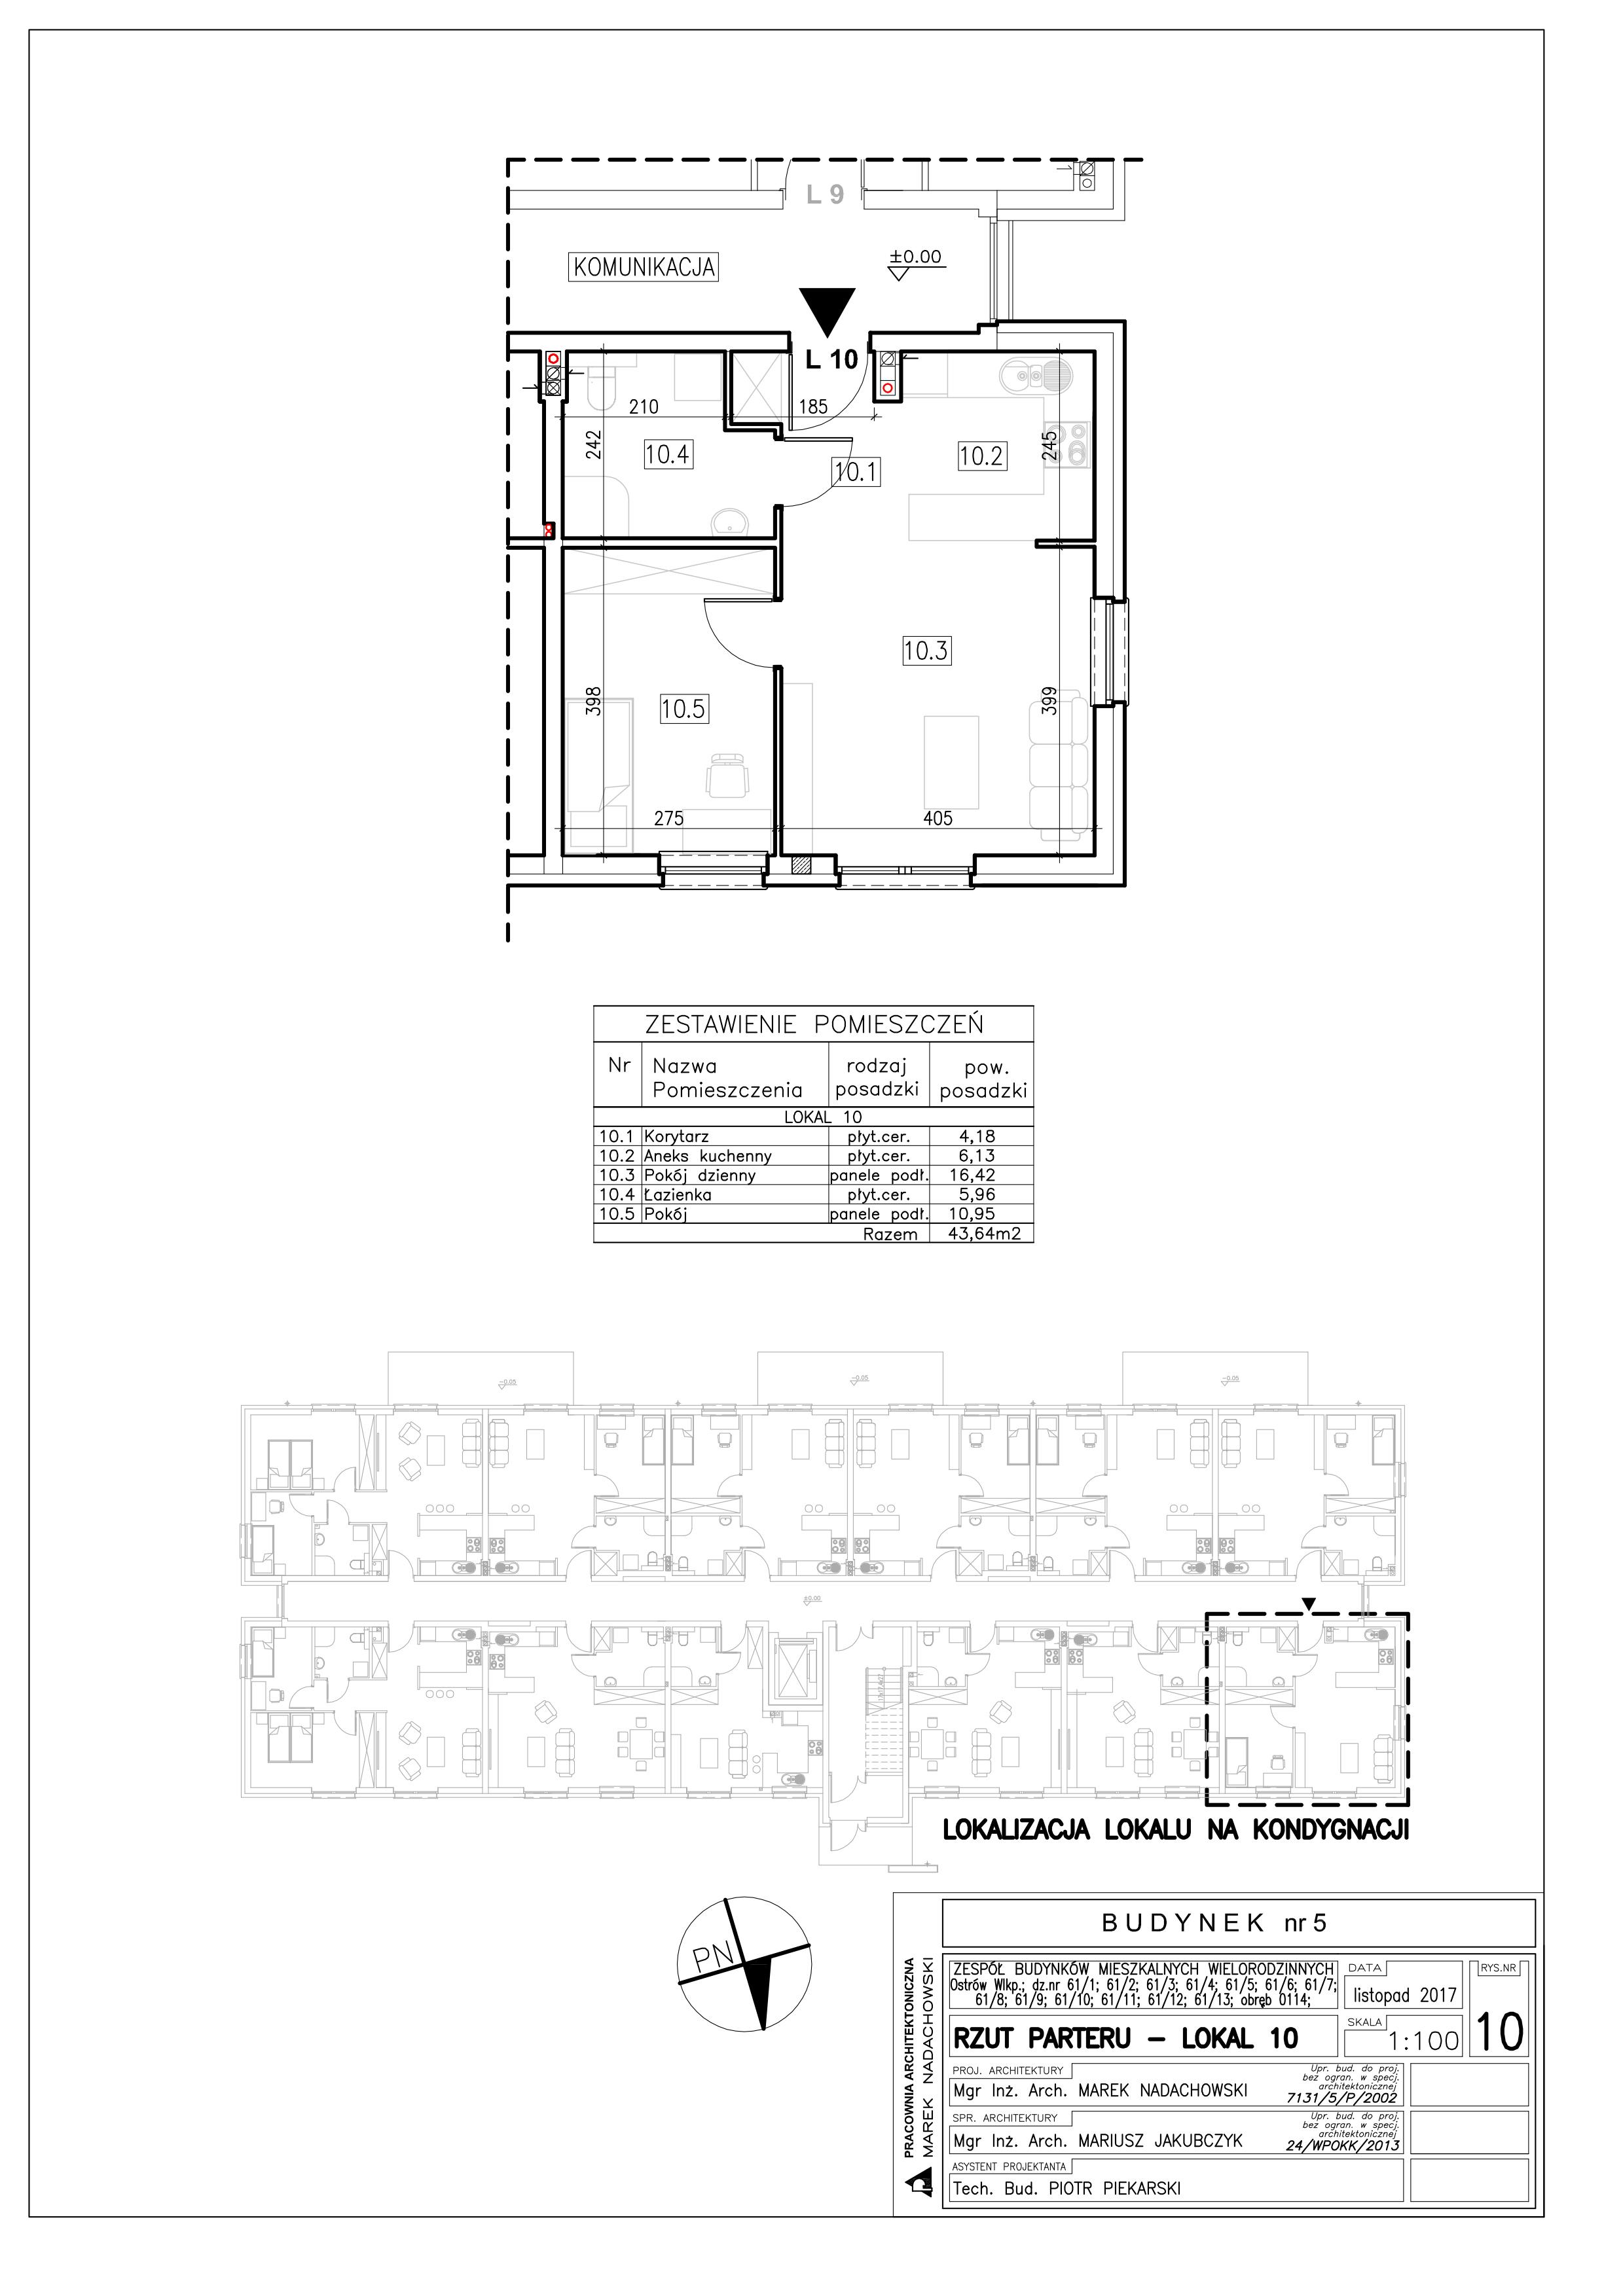 Lokal nr 10 Powierzchnia: 43,64 m2